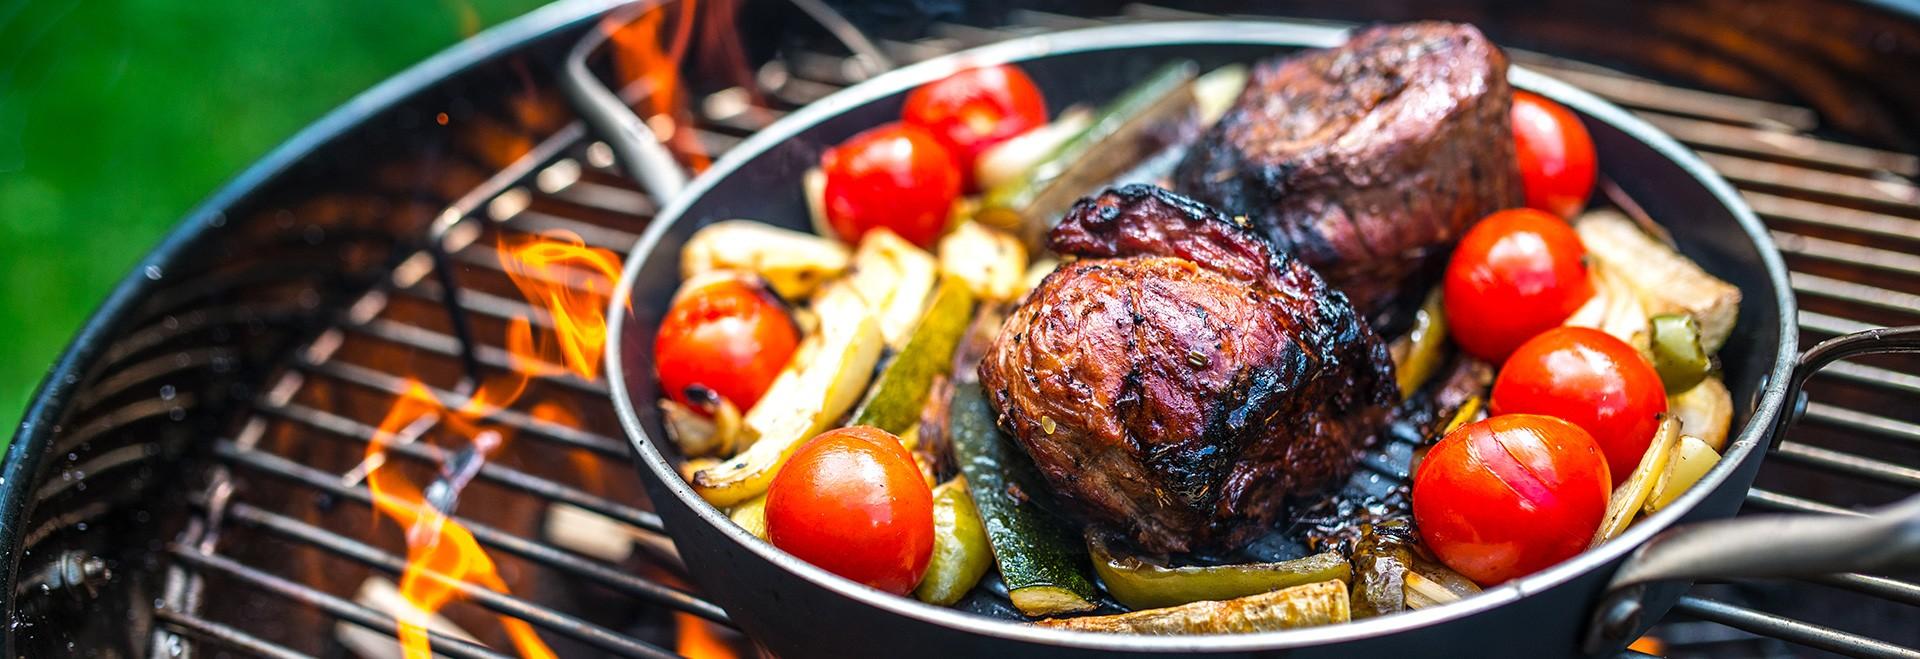 Barbecue et outils de cuisson : compatibles ou pas?